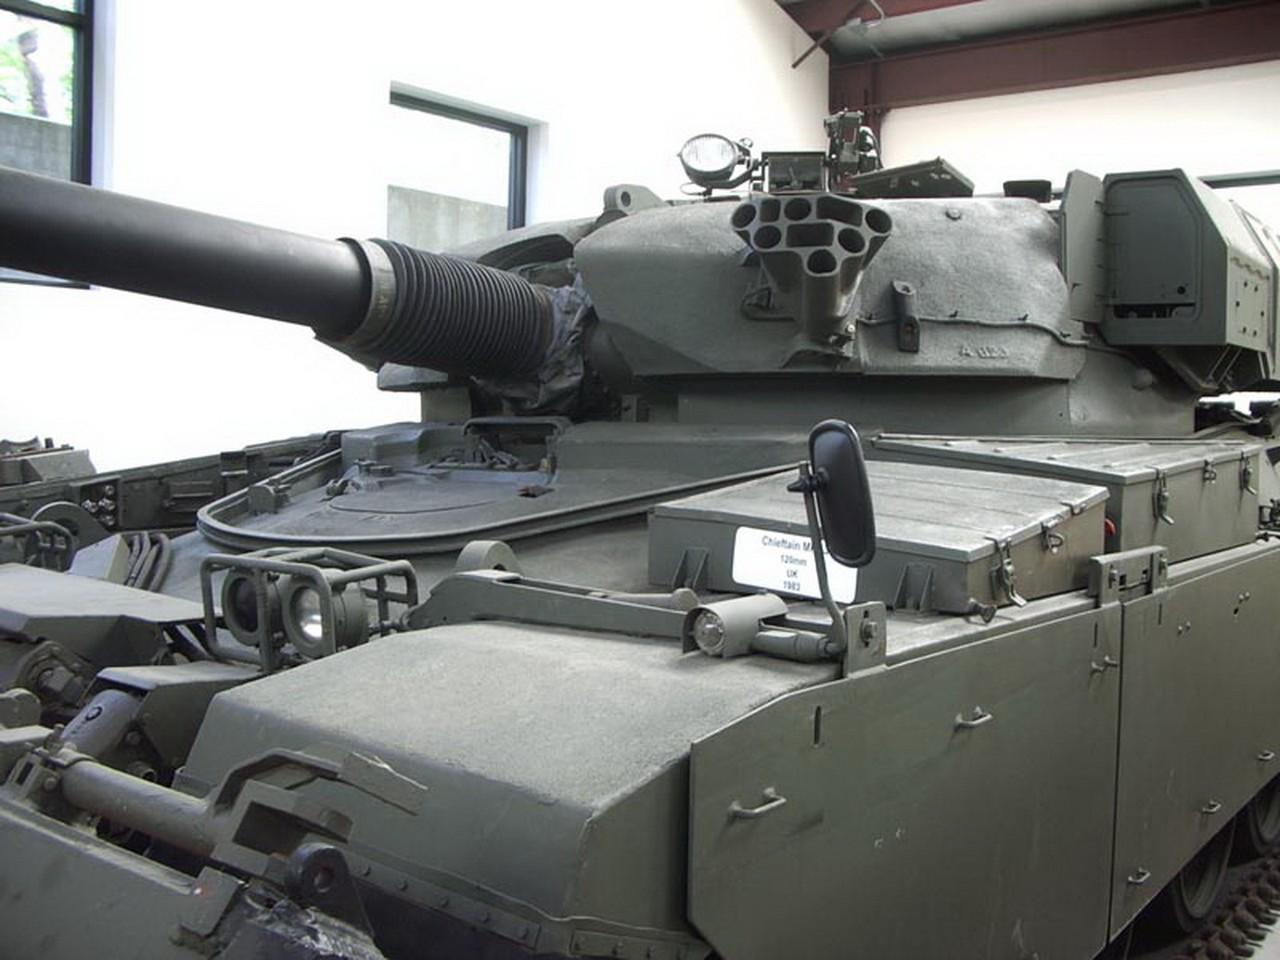 Οπλαρχηγός Μκ11